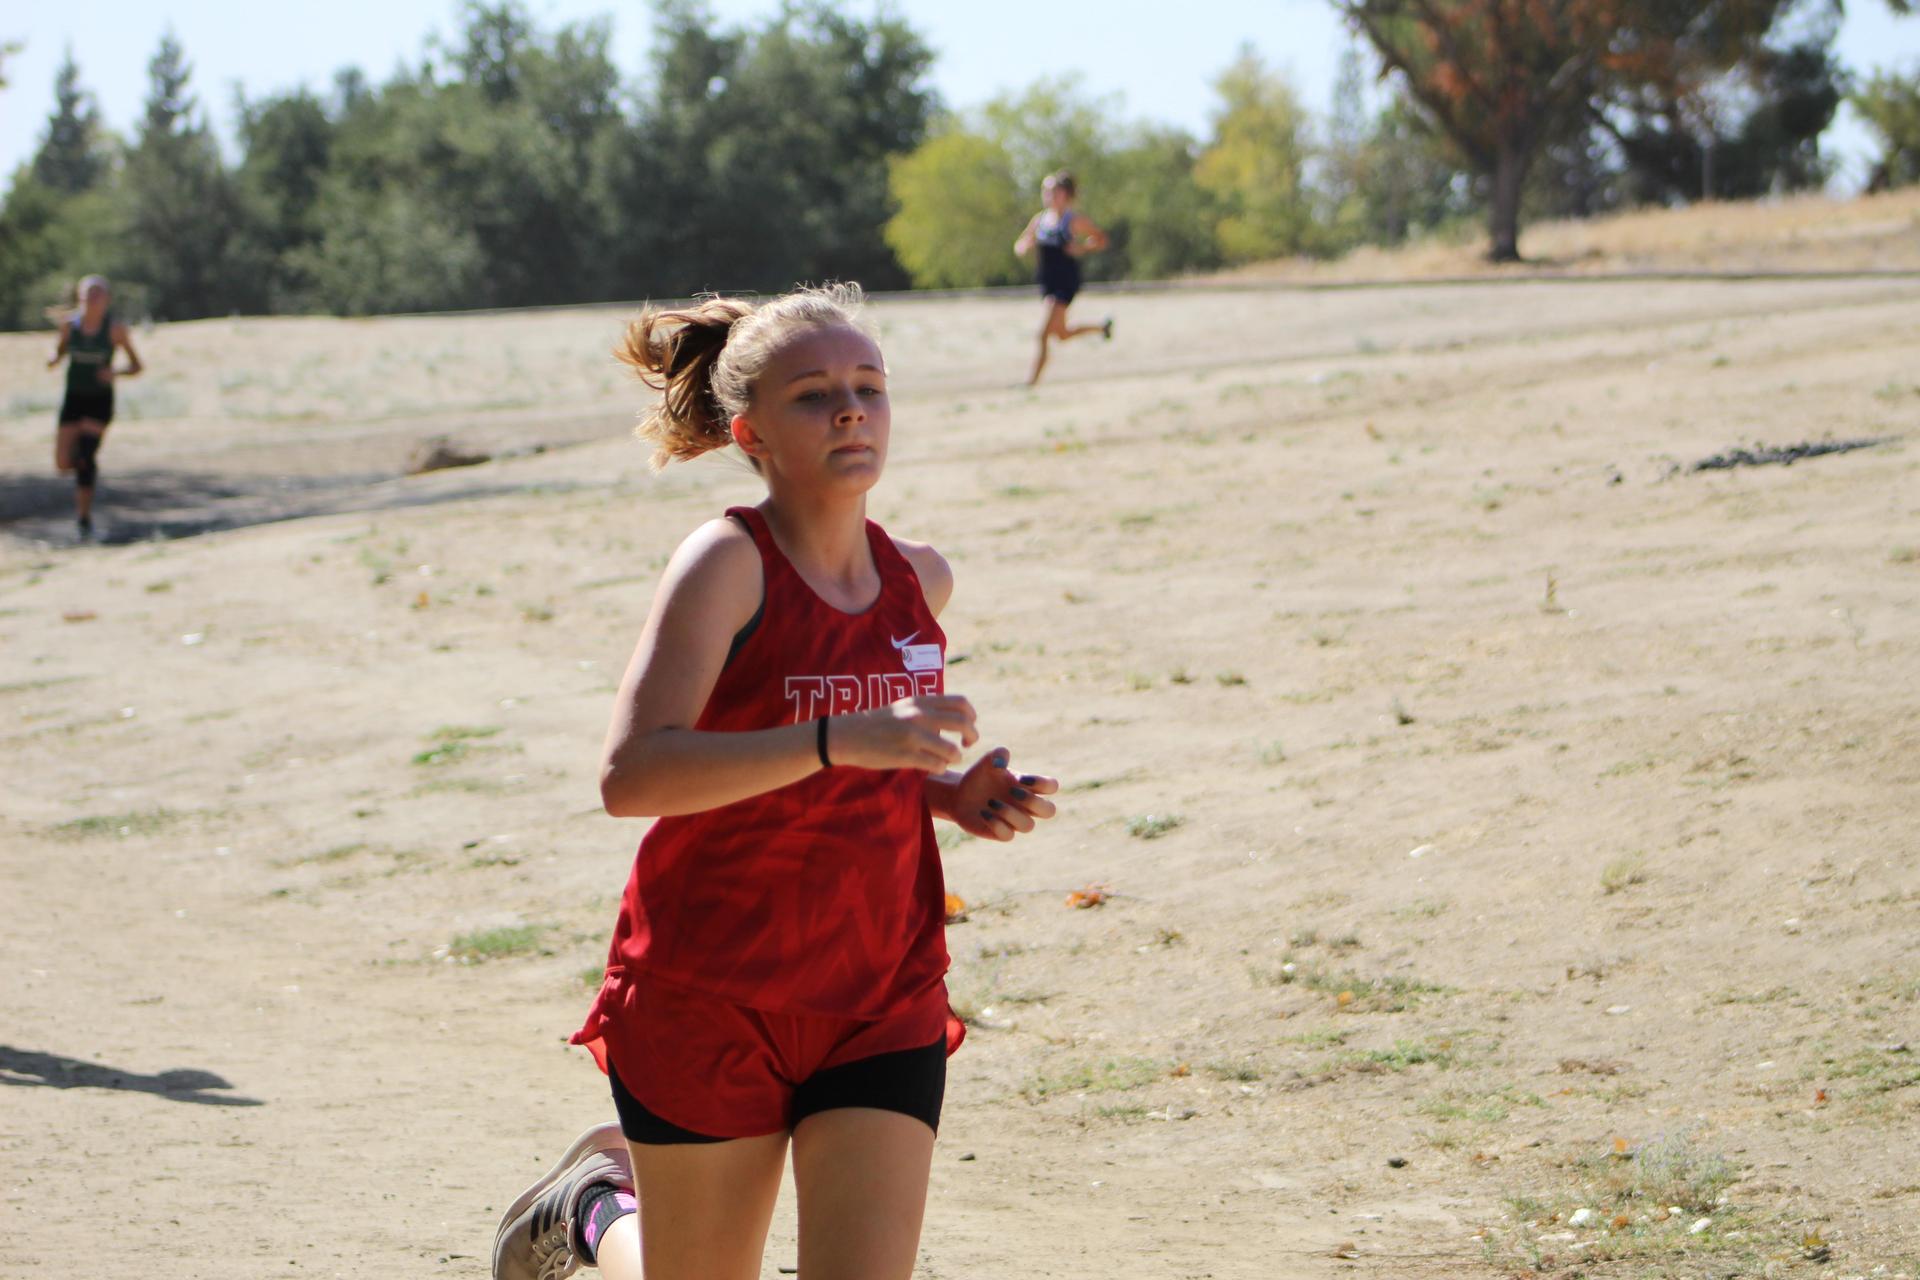 Girls Cross Country Running